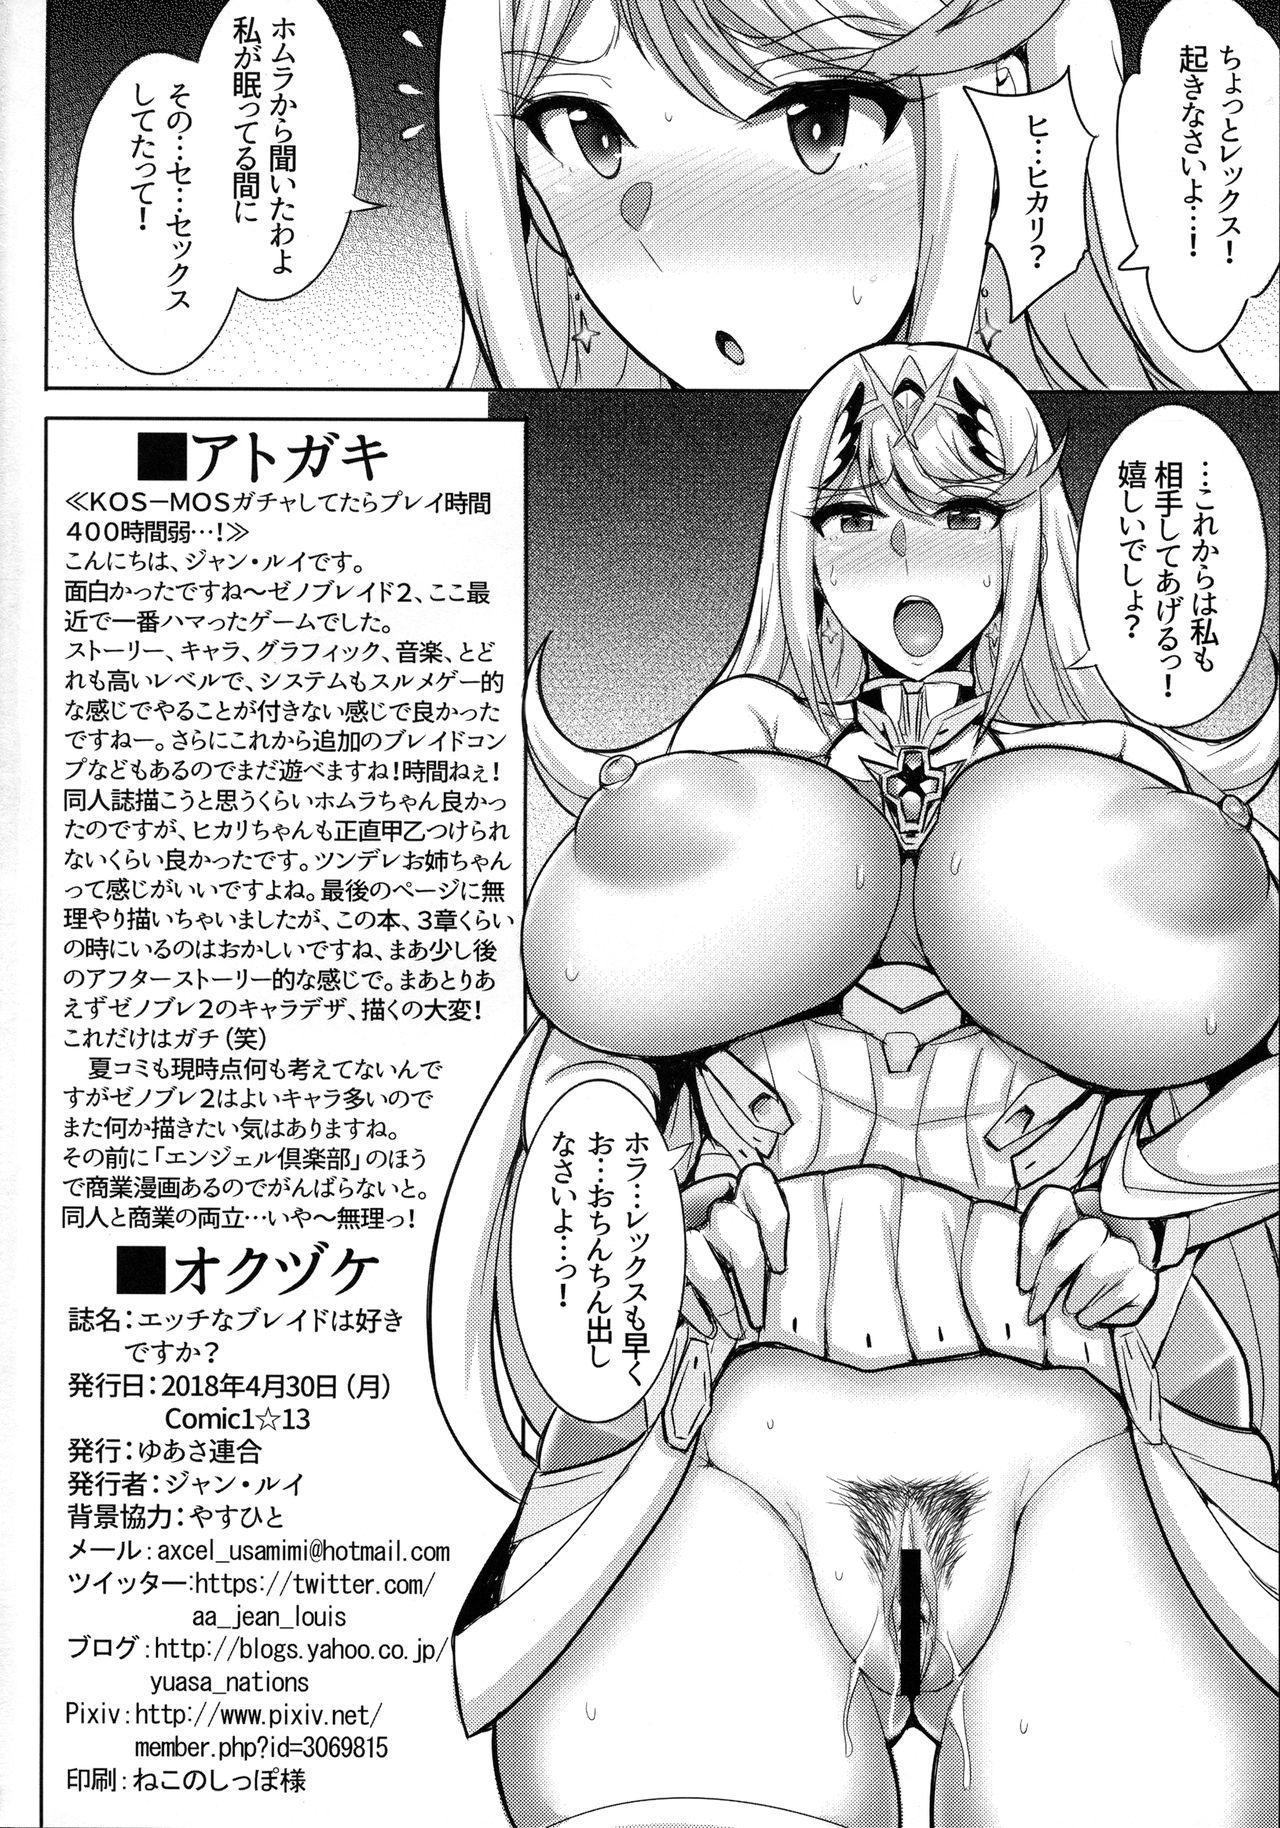 Ecchi na Blade wa Suki desu ka? 16